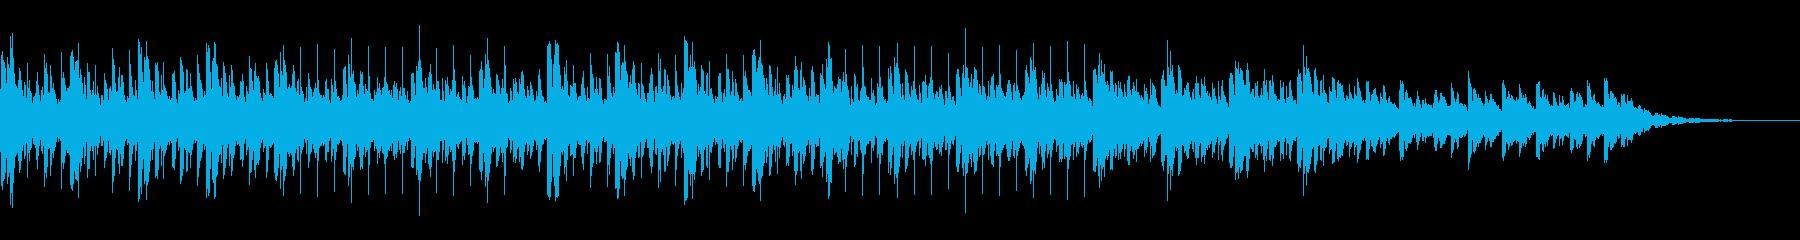 ハッピーゴーラッキー、気まぐれな曲...の再生済みの波形